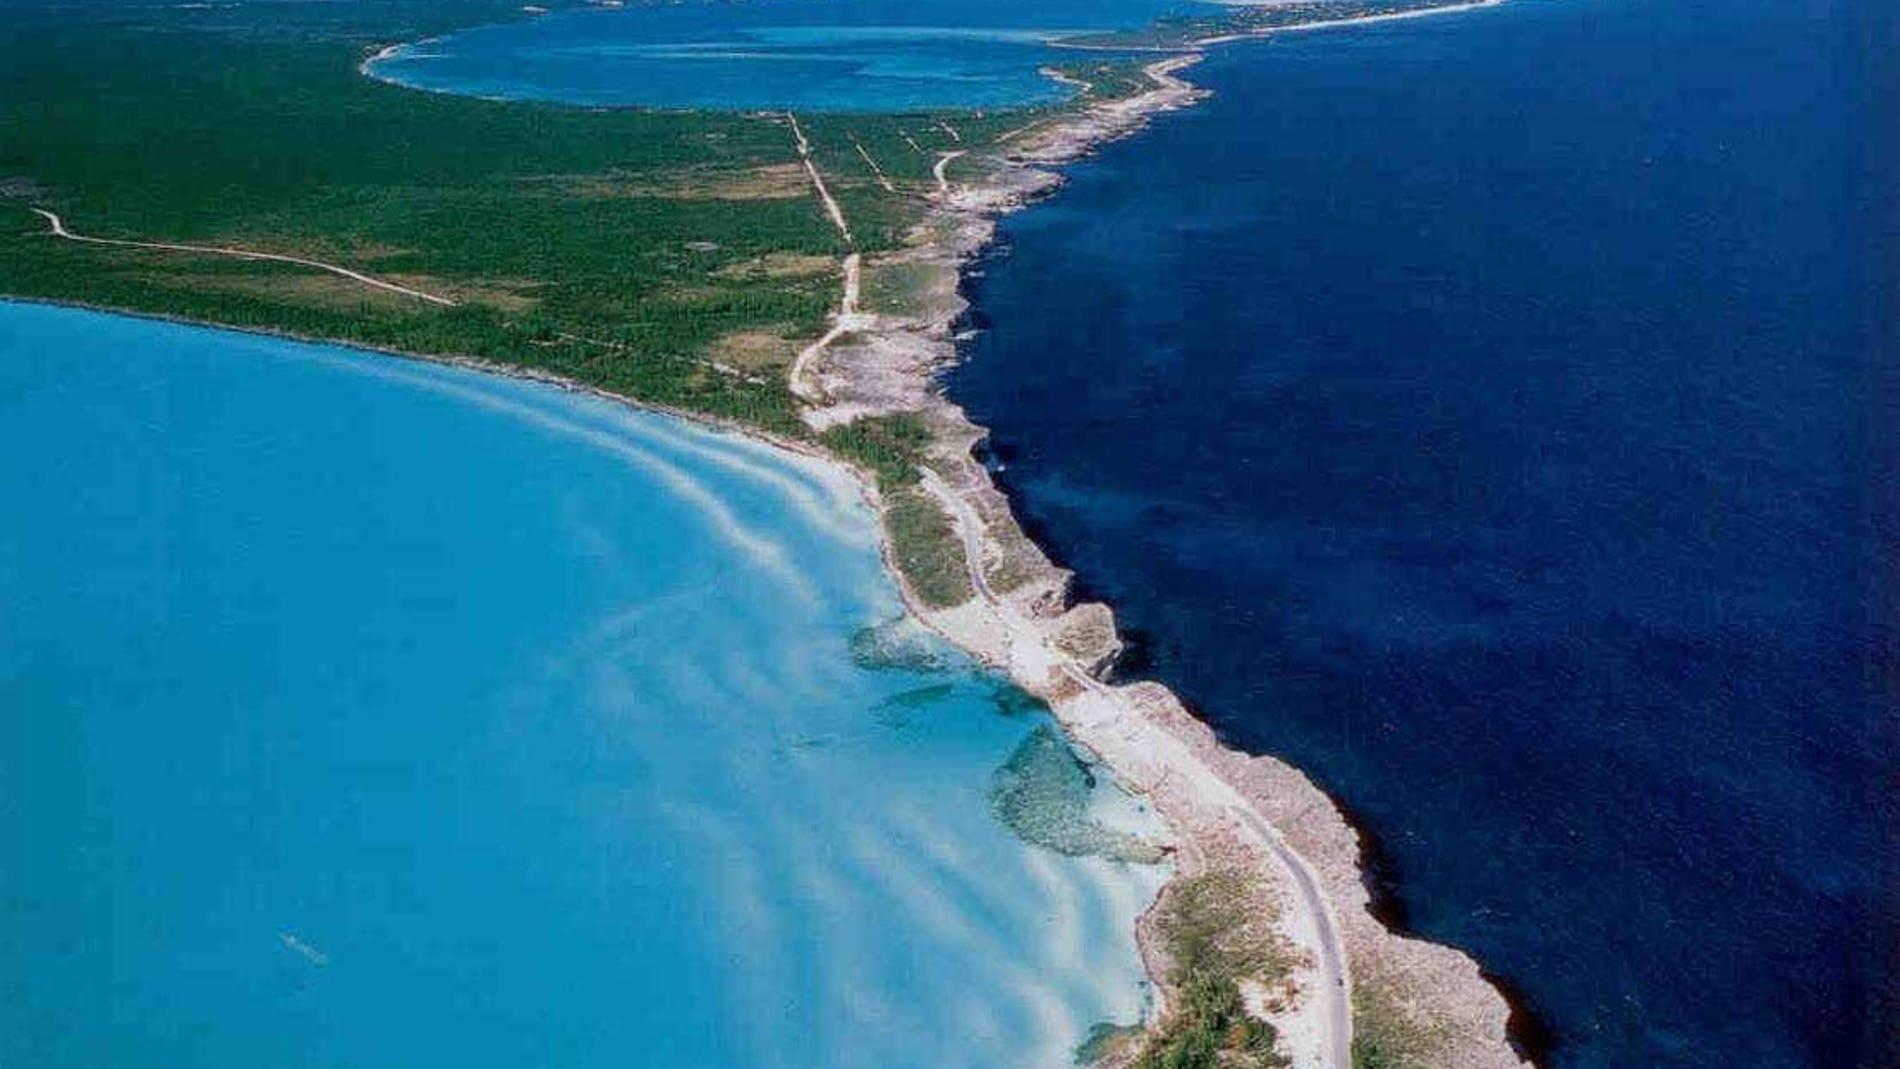 Encuentro entre el Oceano Atlántico y el Mar Caribe